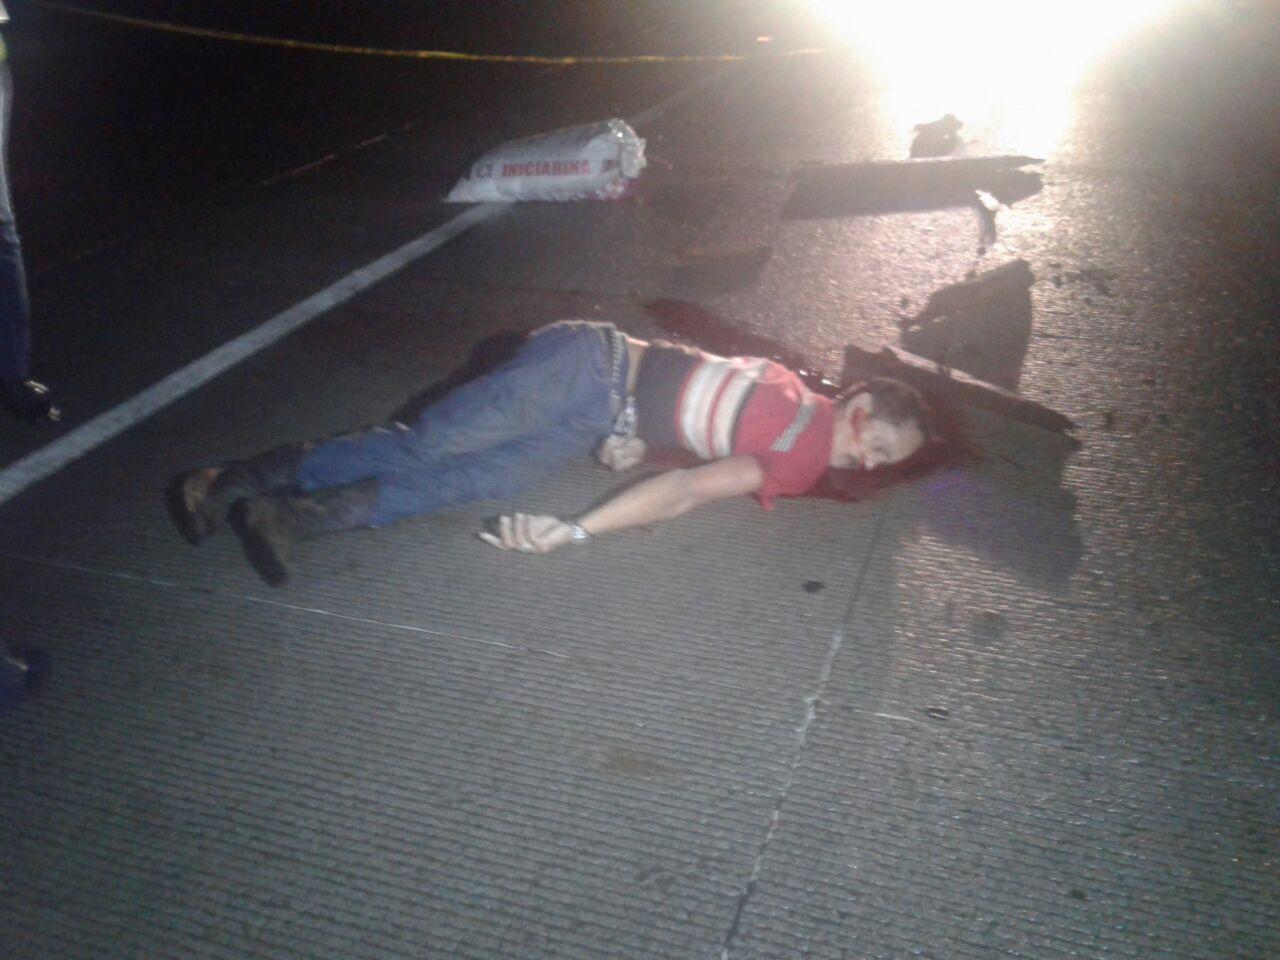 Furgonero causa la muerte de hombre que viajaba en carretón halado por caballo en carretera vieja a León